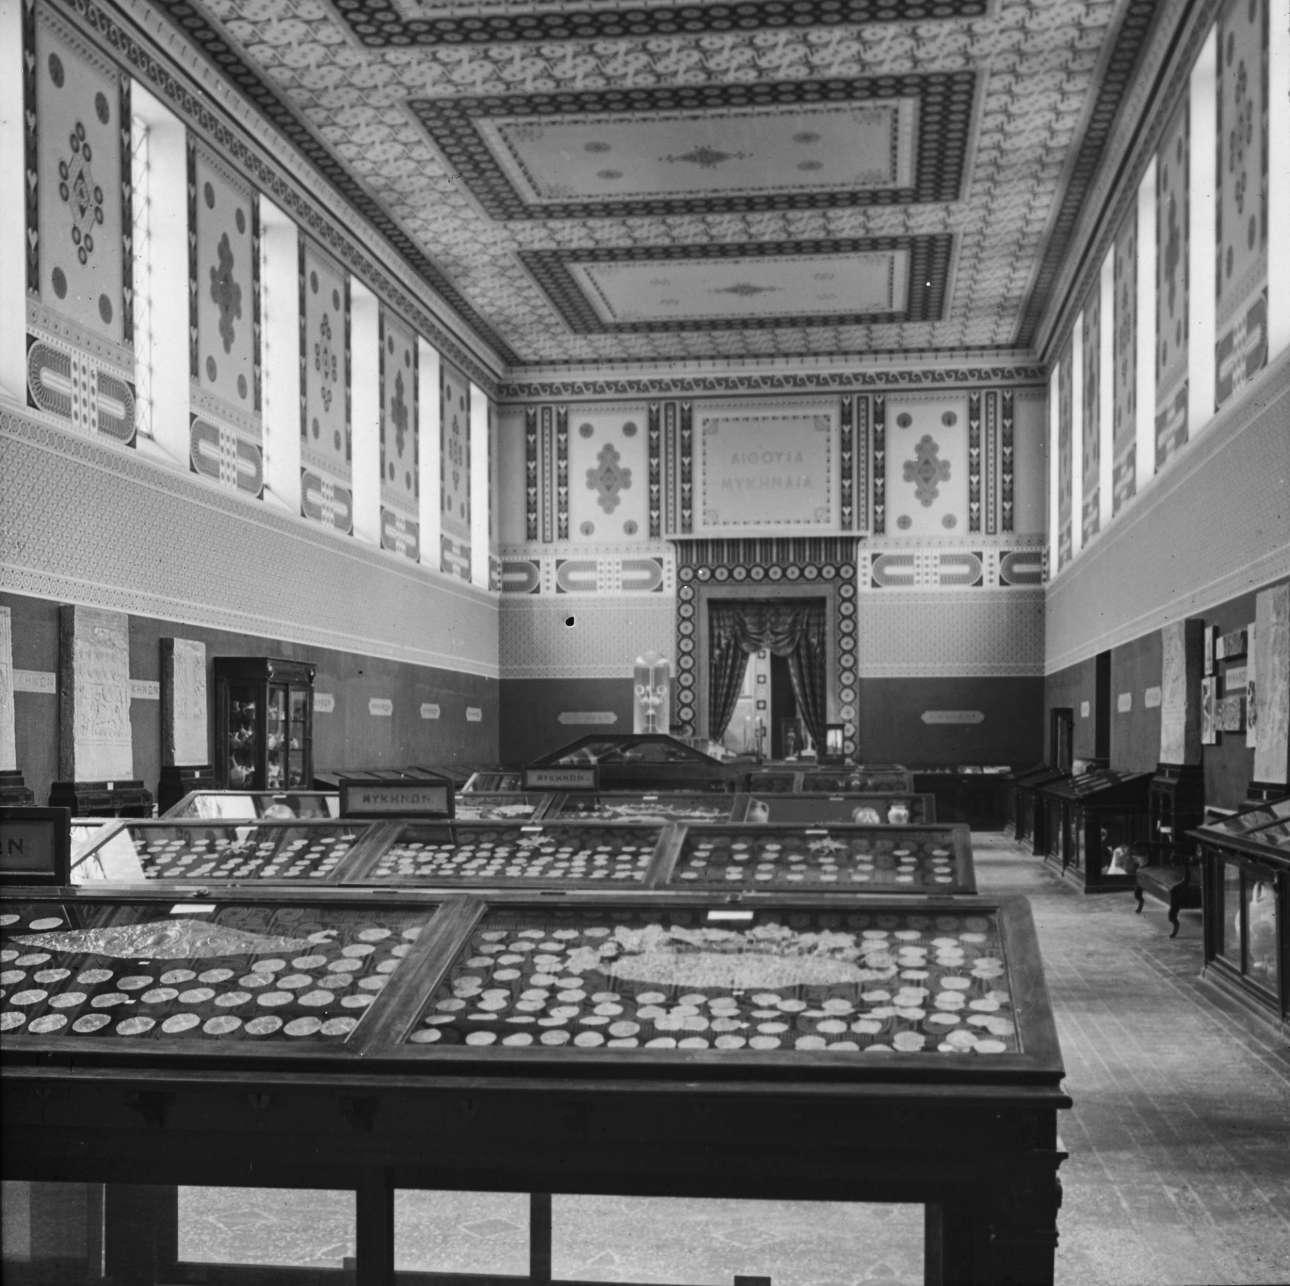 Αίθουσα του Εθνικού Αρχαιολογικού Μουσείου αφιερωμένη στη Μυκηναϊκή τέχνη